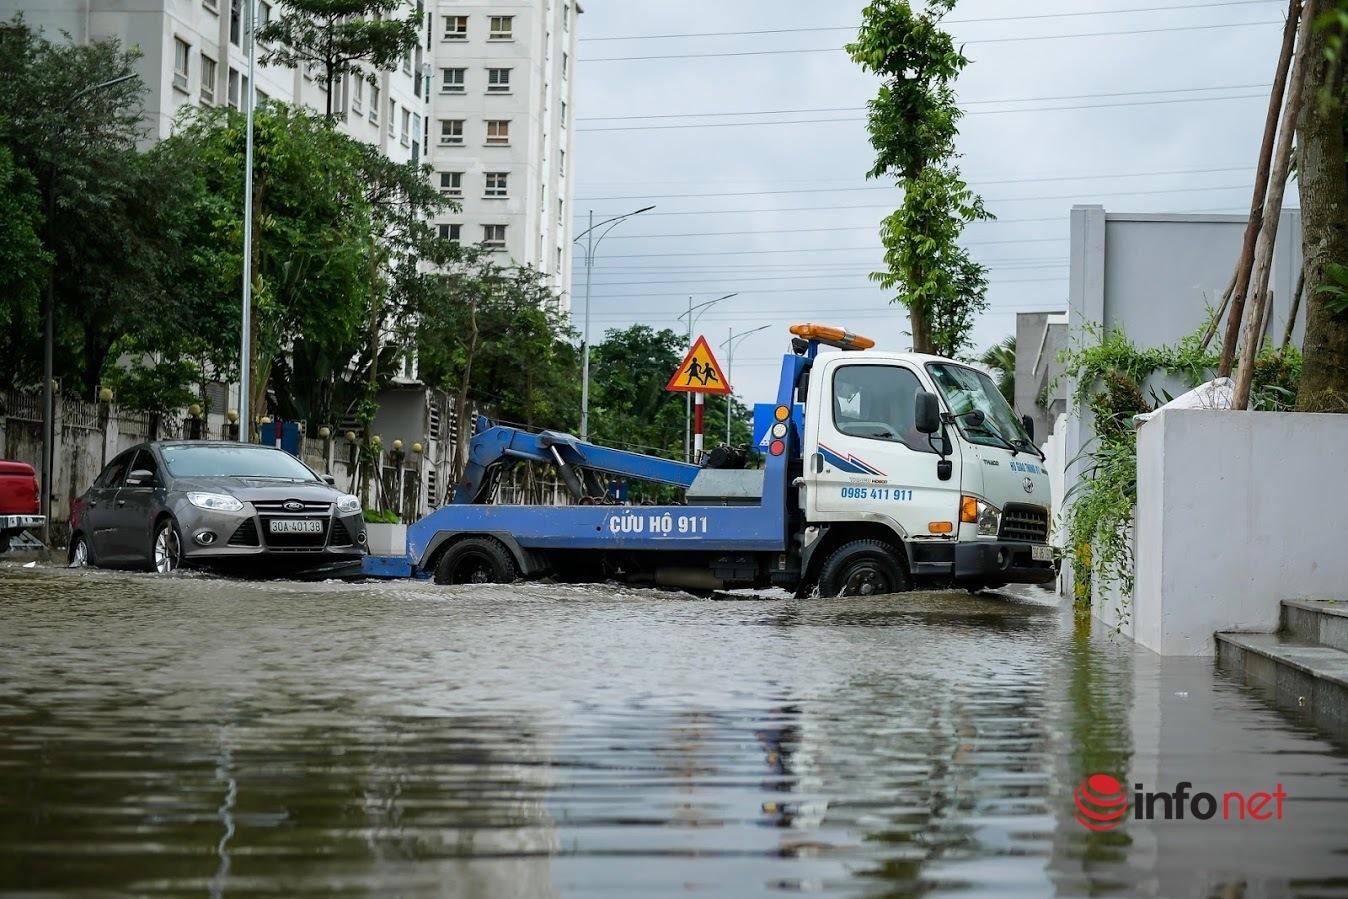 Ô tô đậu quanh nhà bị ngập sâu, hư hỏng có được bảo hiểm bồi thường?